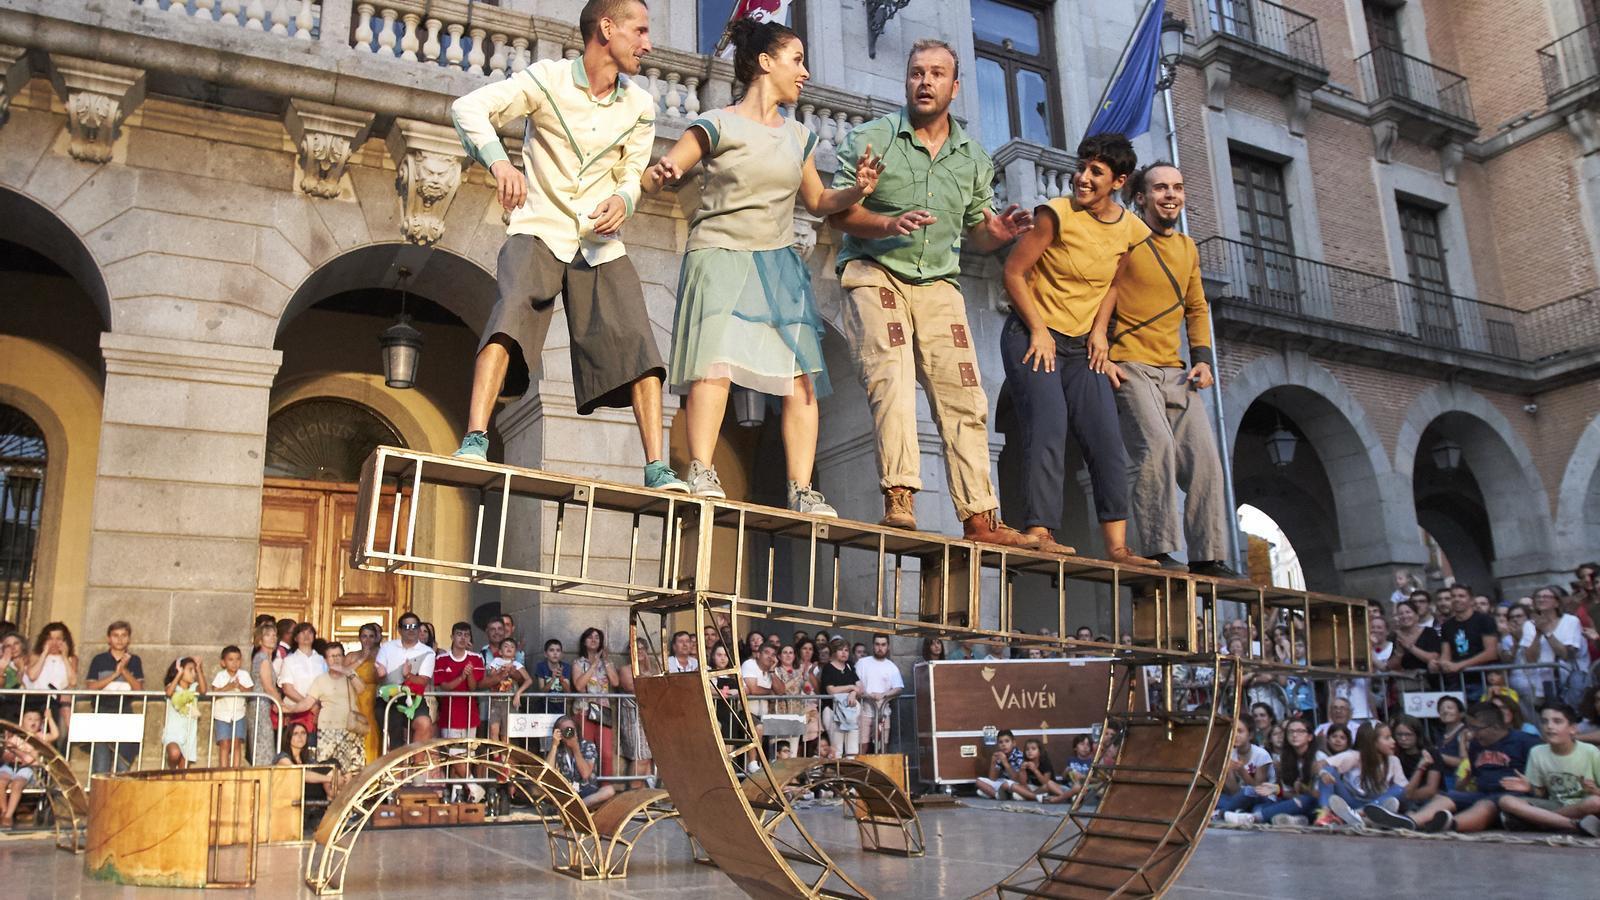 Una imatge de la companyia Vaivén Circo.